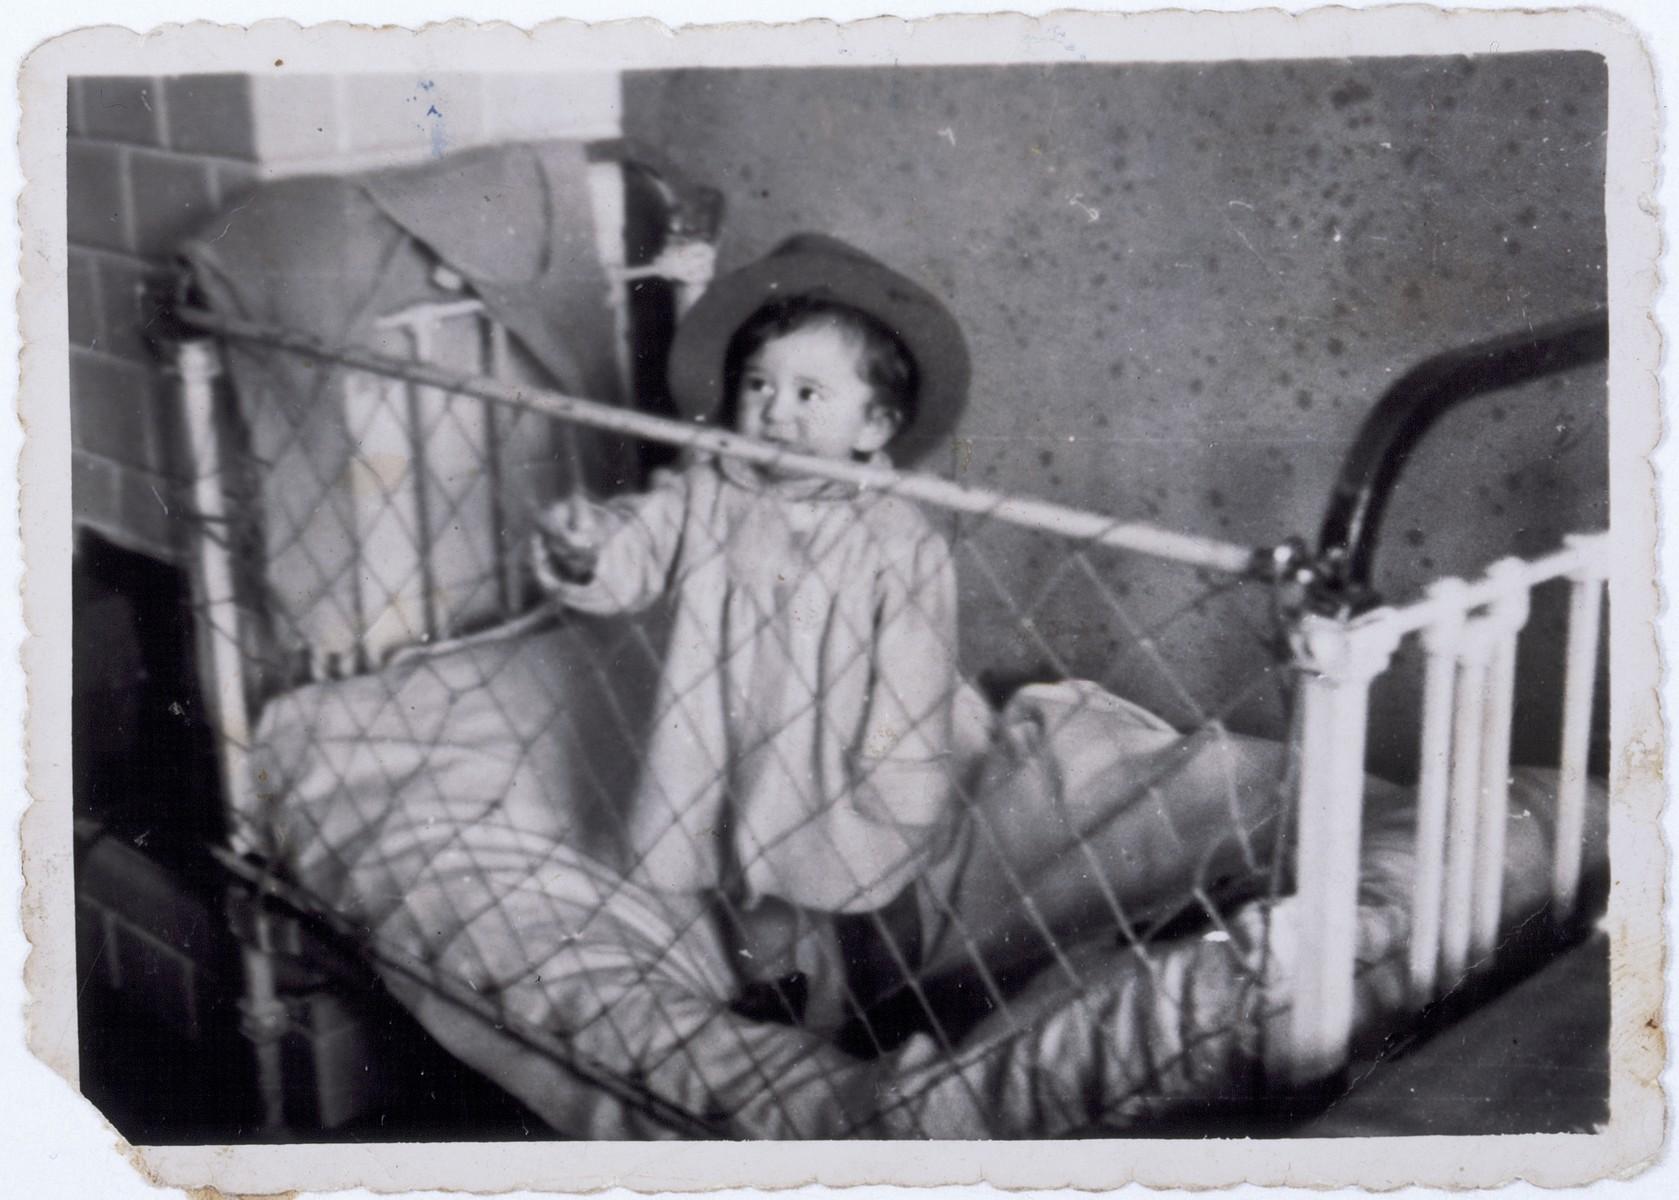 Jurek Kaiser standing in his crib in the Kielce ghetto.